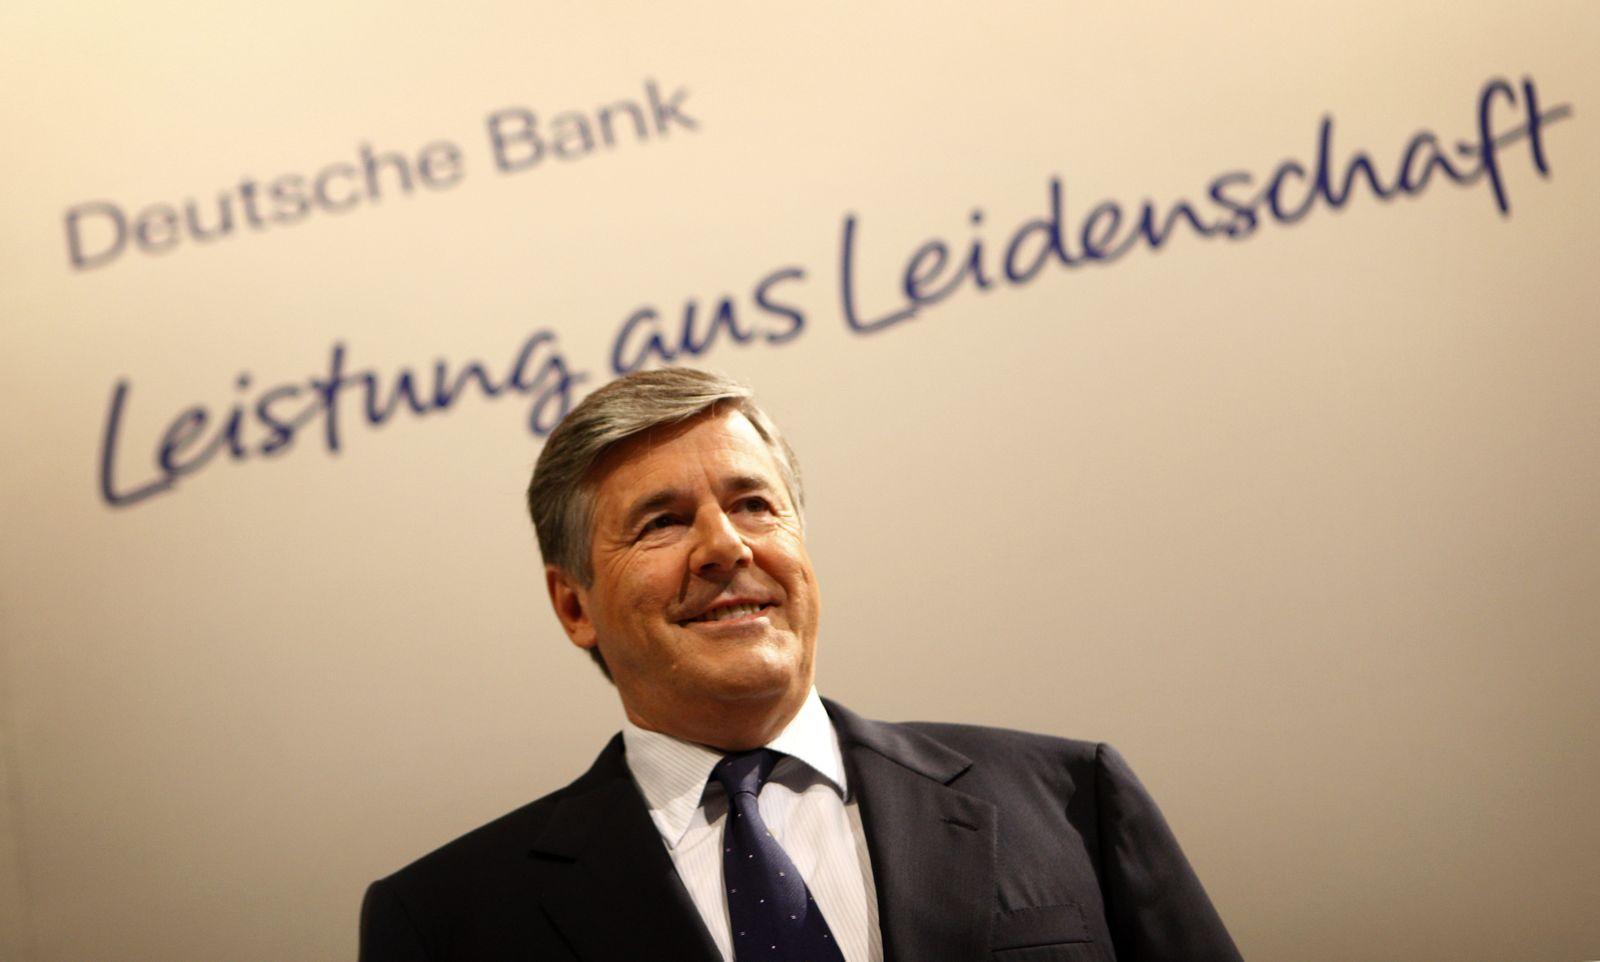 """Deutsche Bank / Slogan / """"Leistung aus Leidenschaft"""""""